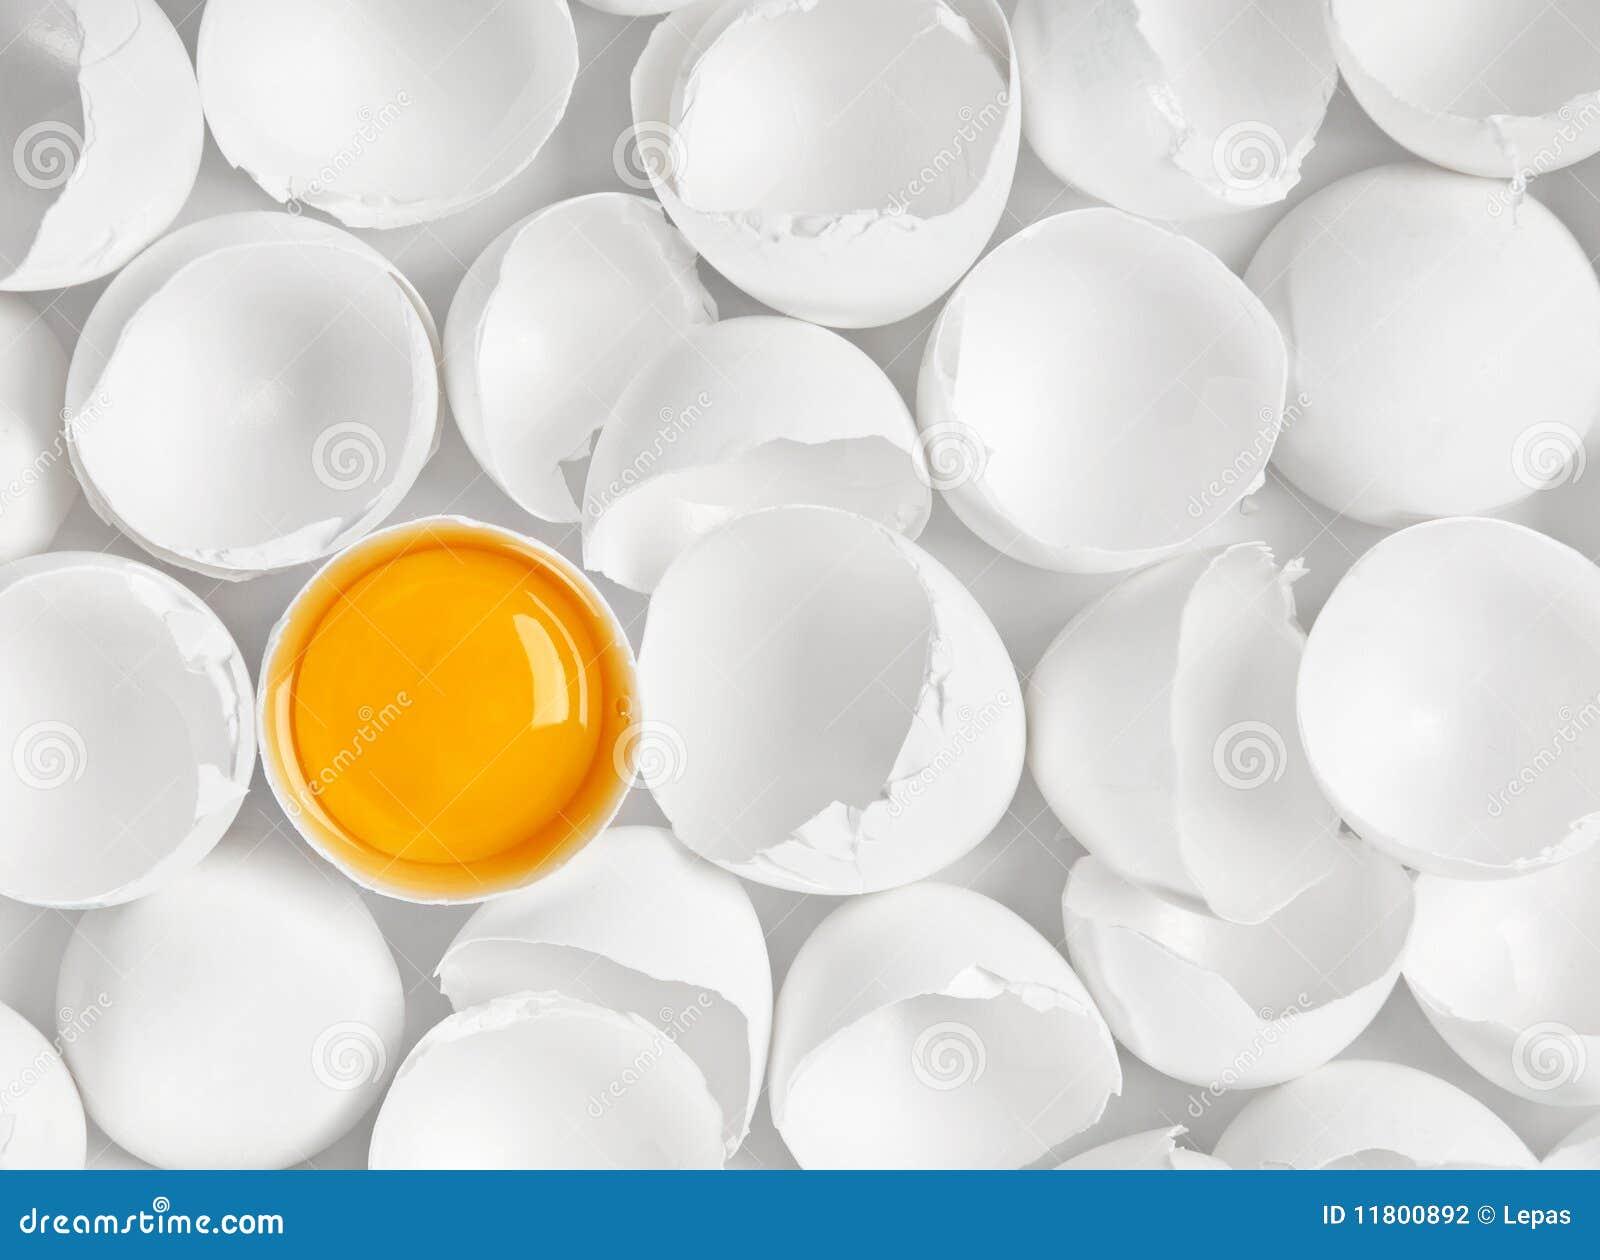 蛋一空白卵黄质